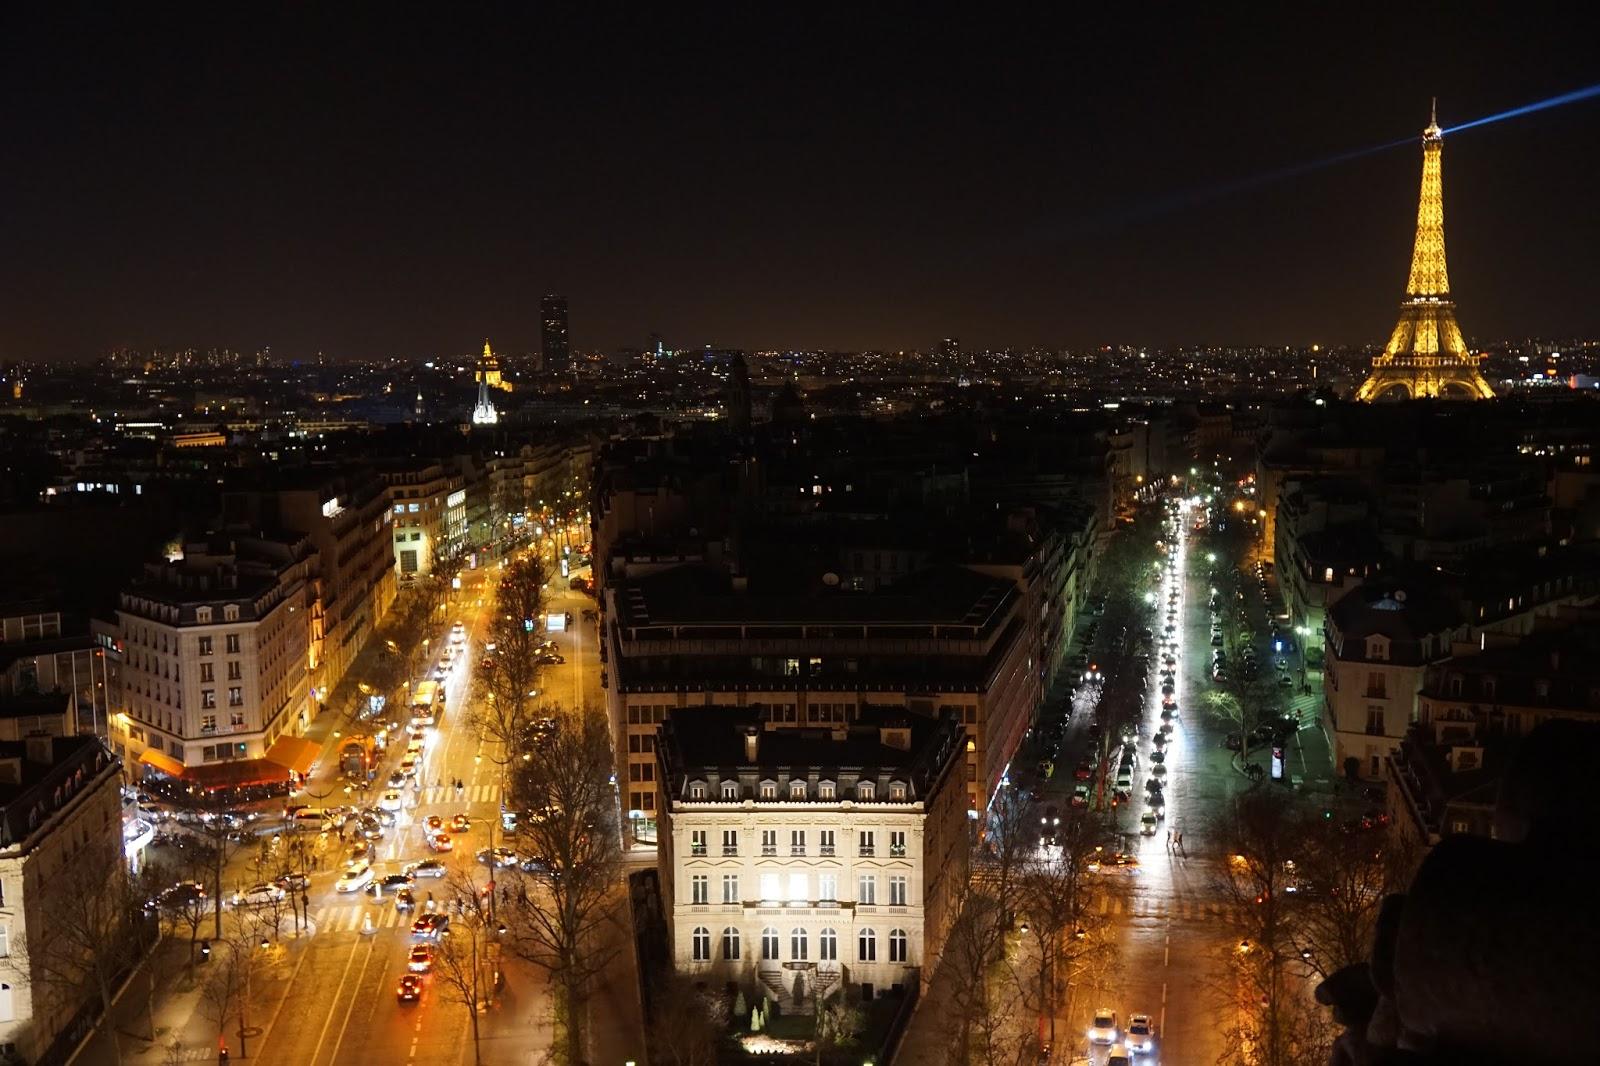 エトワールの凱旋門(Arc de triomphe de l'Étoile) 展望台からの眺め3